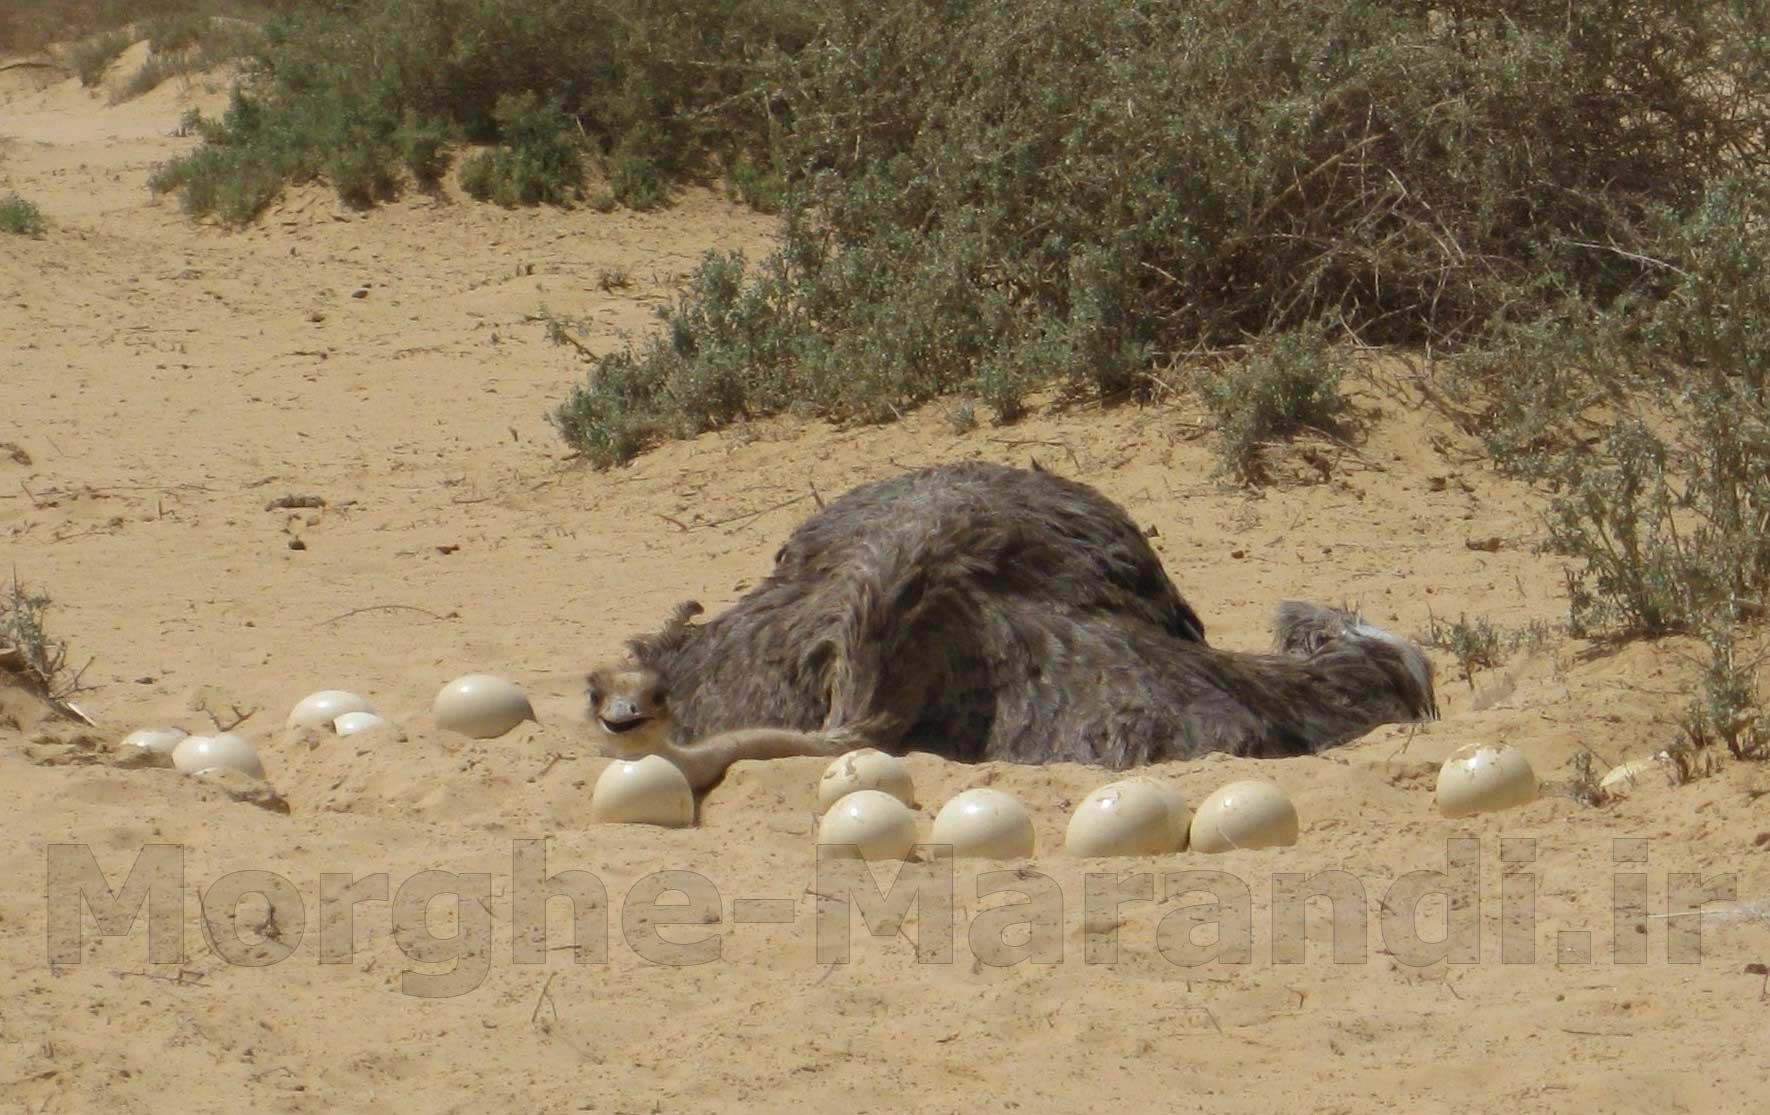 پرورش شتر مرغ در مناطق گرمسیری